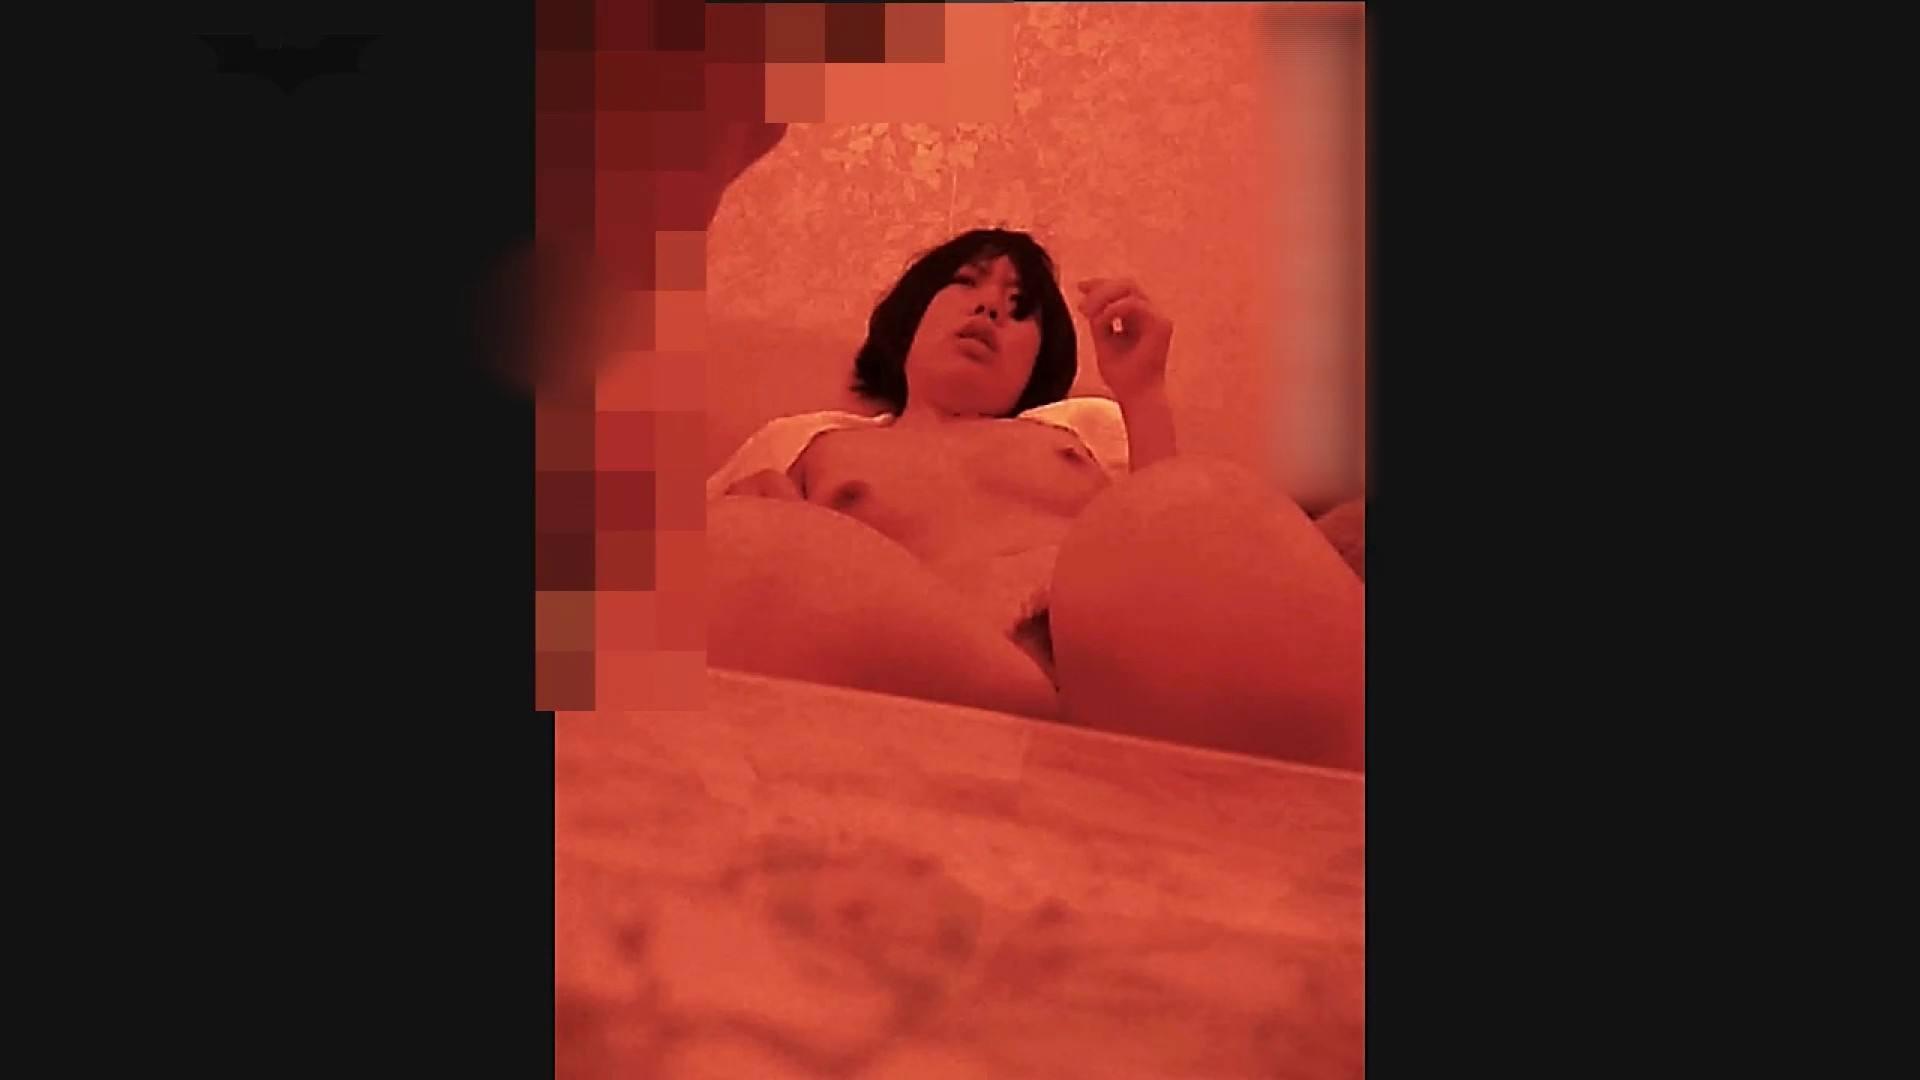 【40位 2016】(注)の せっくす(シリーズ 5人目) Vol.43 セックス オメコ無修正動画無料 77枚 7